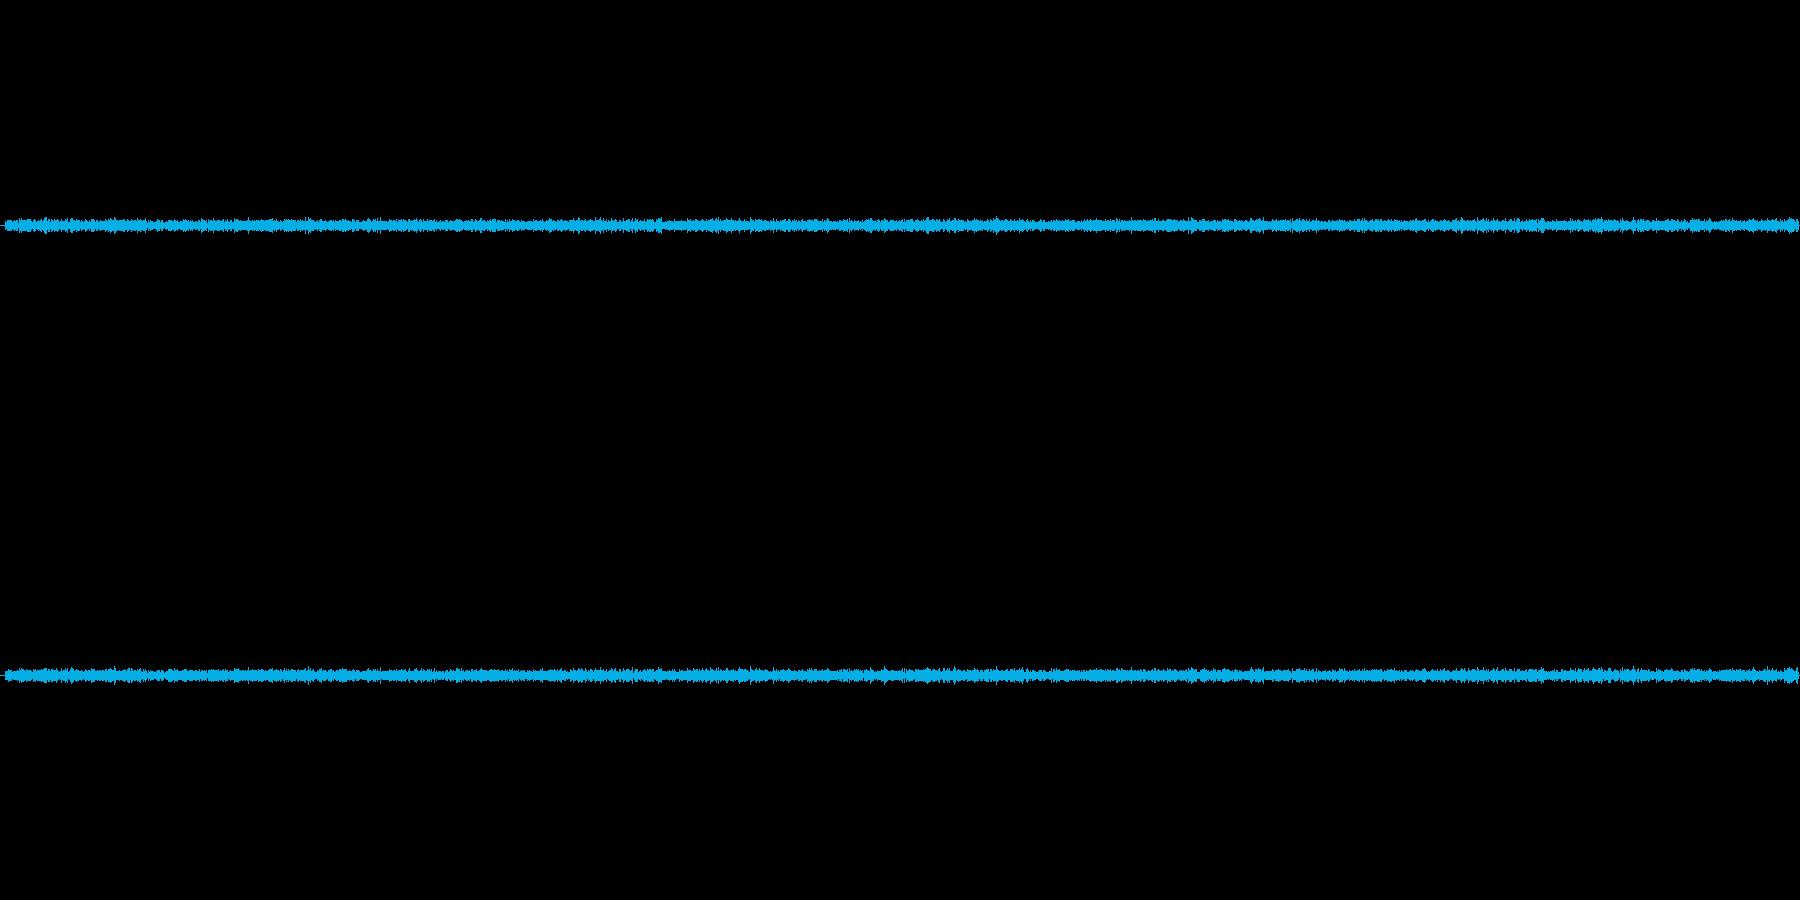 電子レンジの稼働音ですの再生済みの波形